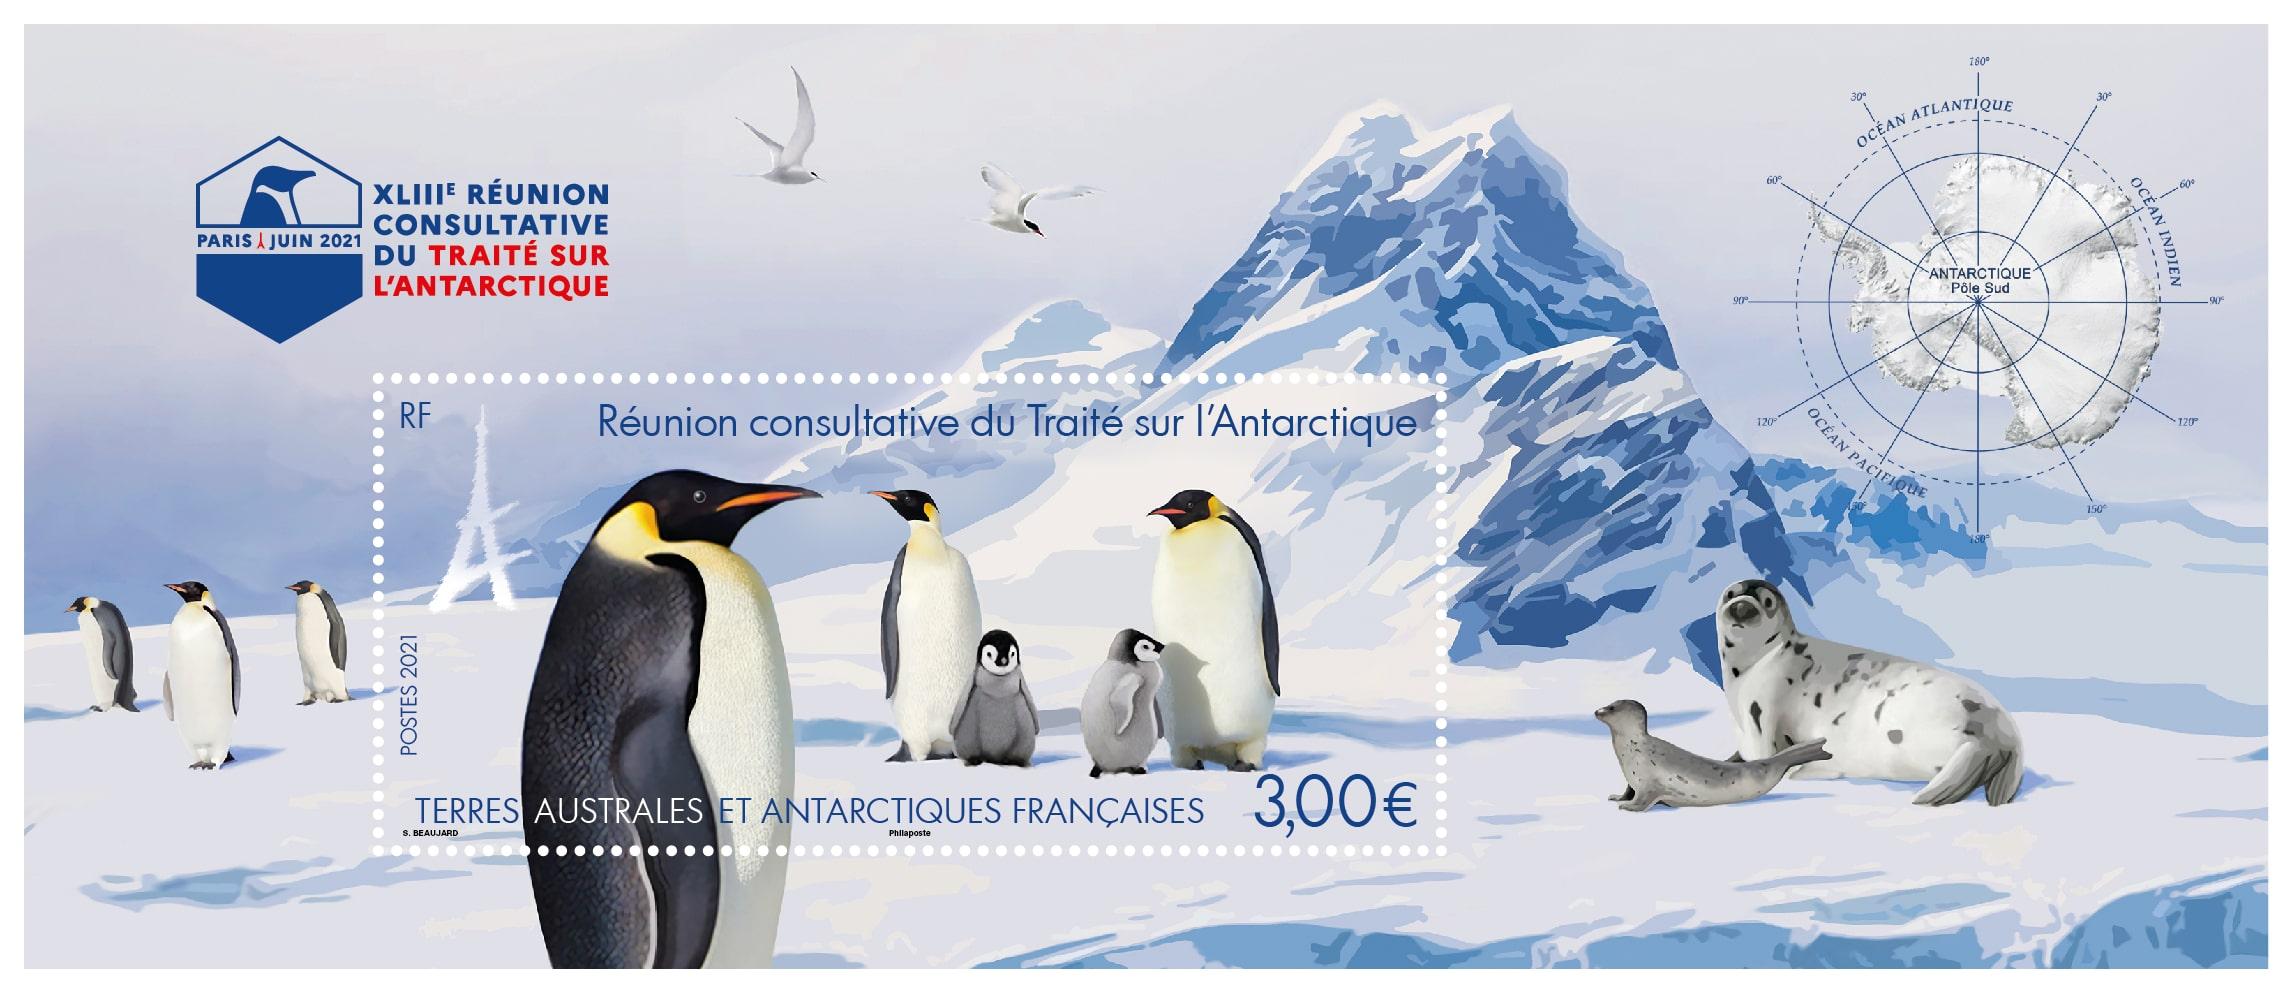 TAAF : 43e Réunion consultative du Traité sur l'Antarctique